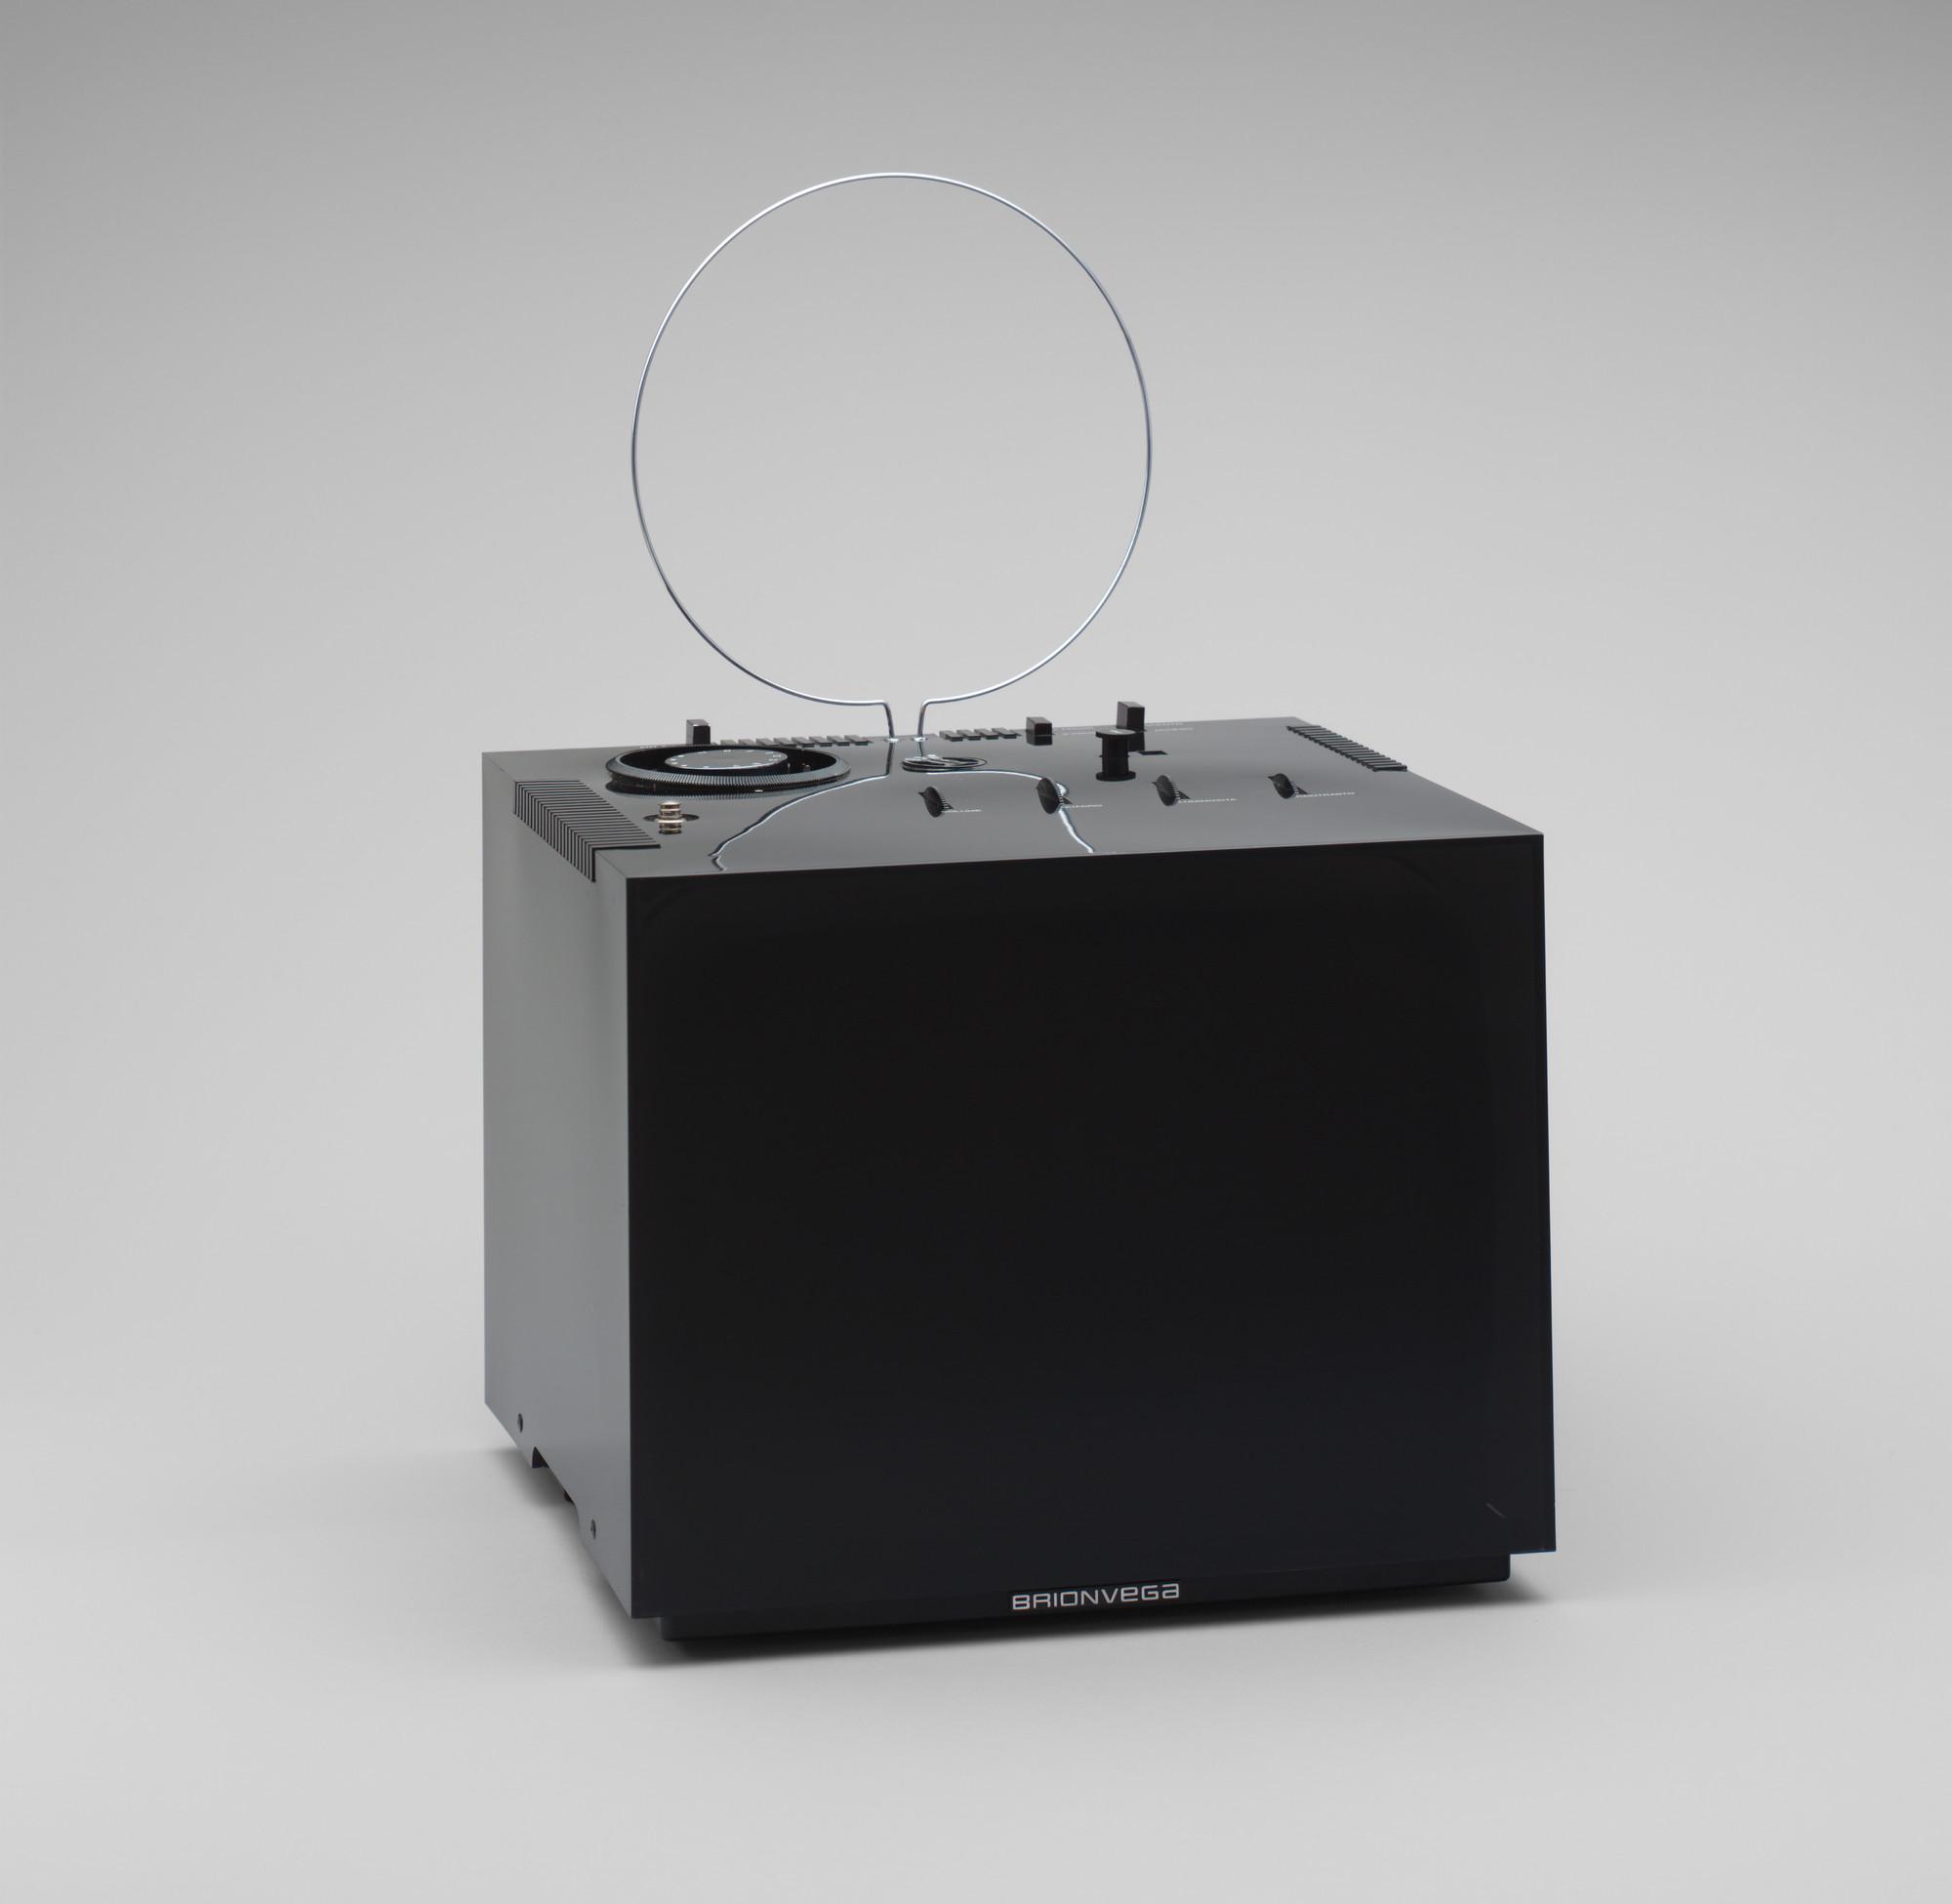 Marco Zanuso, Richard Sapper. Black 201 Television Set. 1969 | MoMA